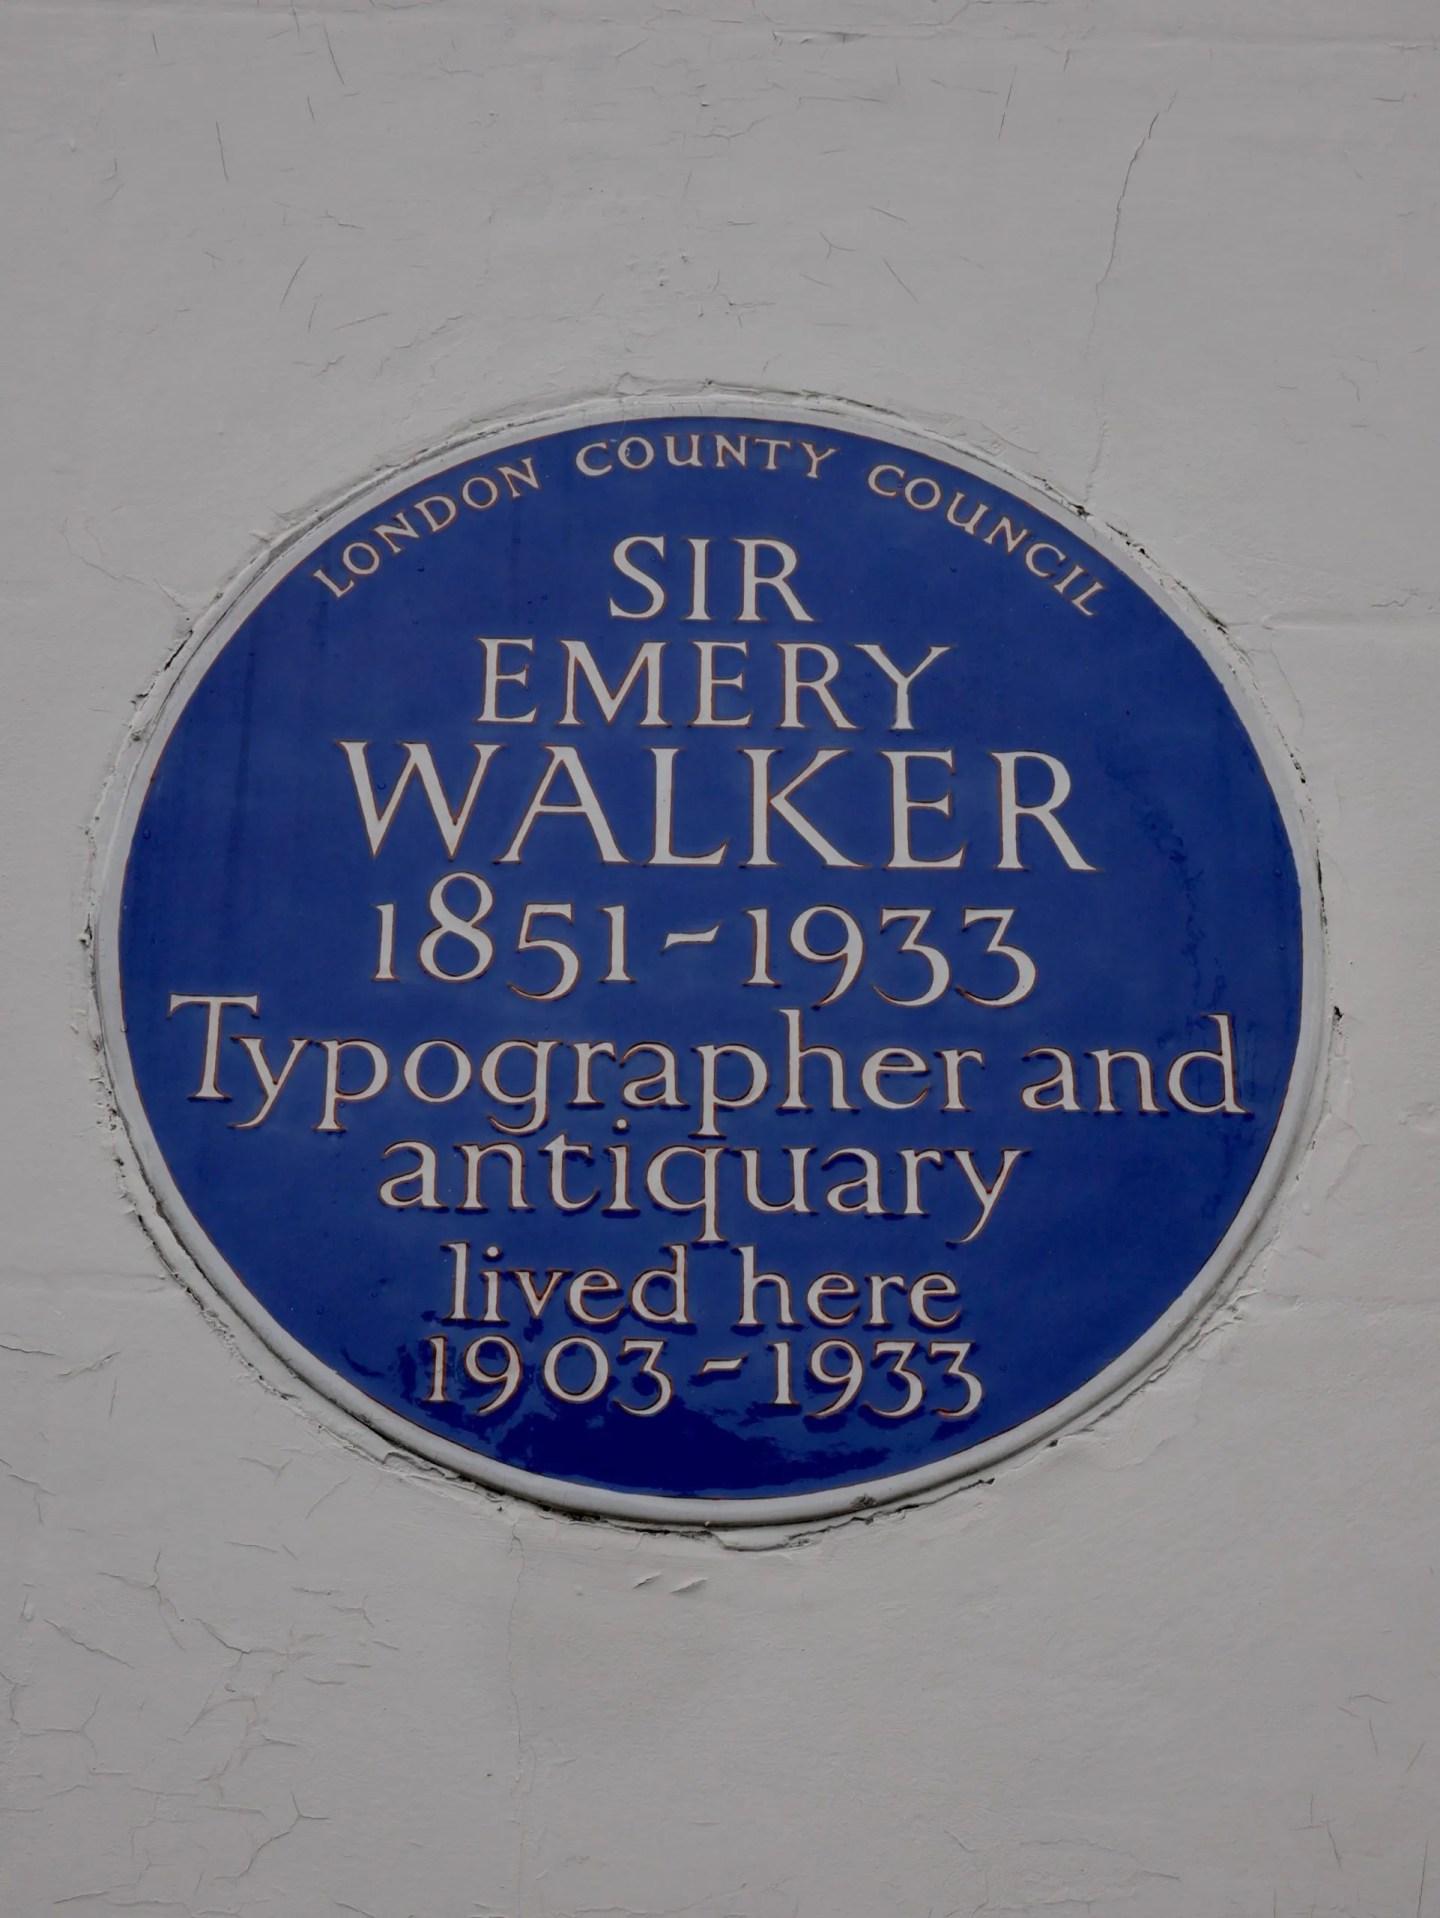 Emery Walker blue plaque